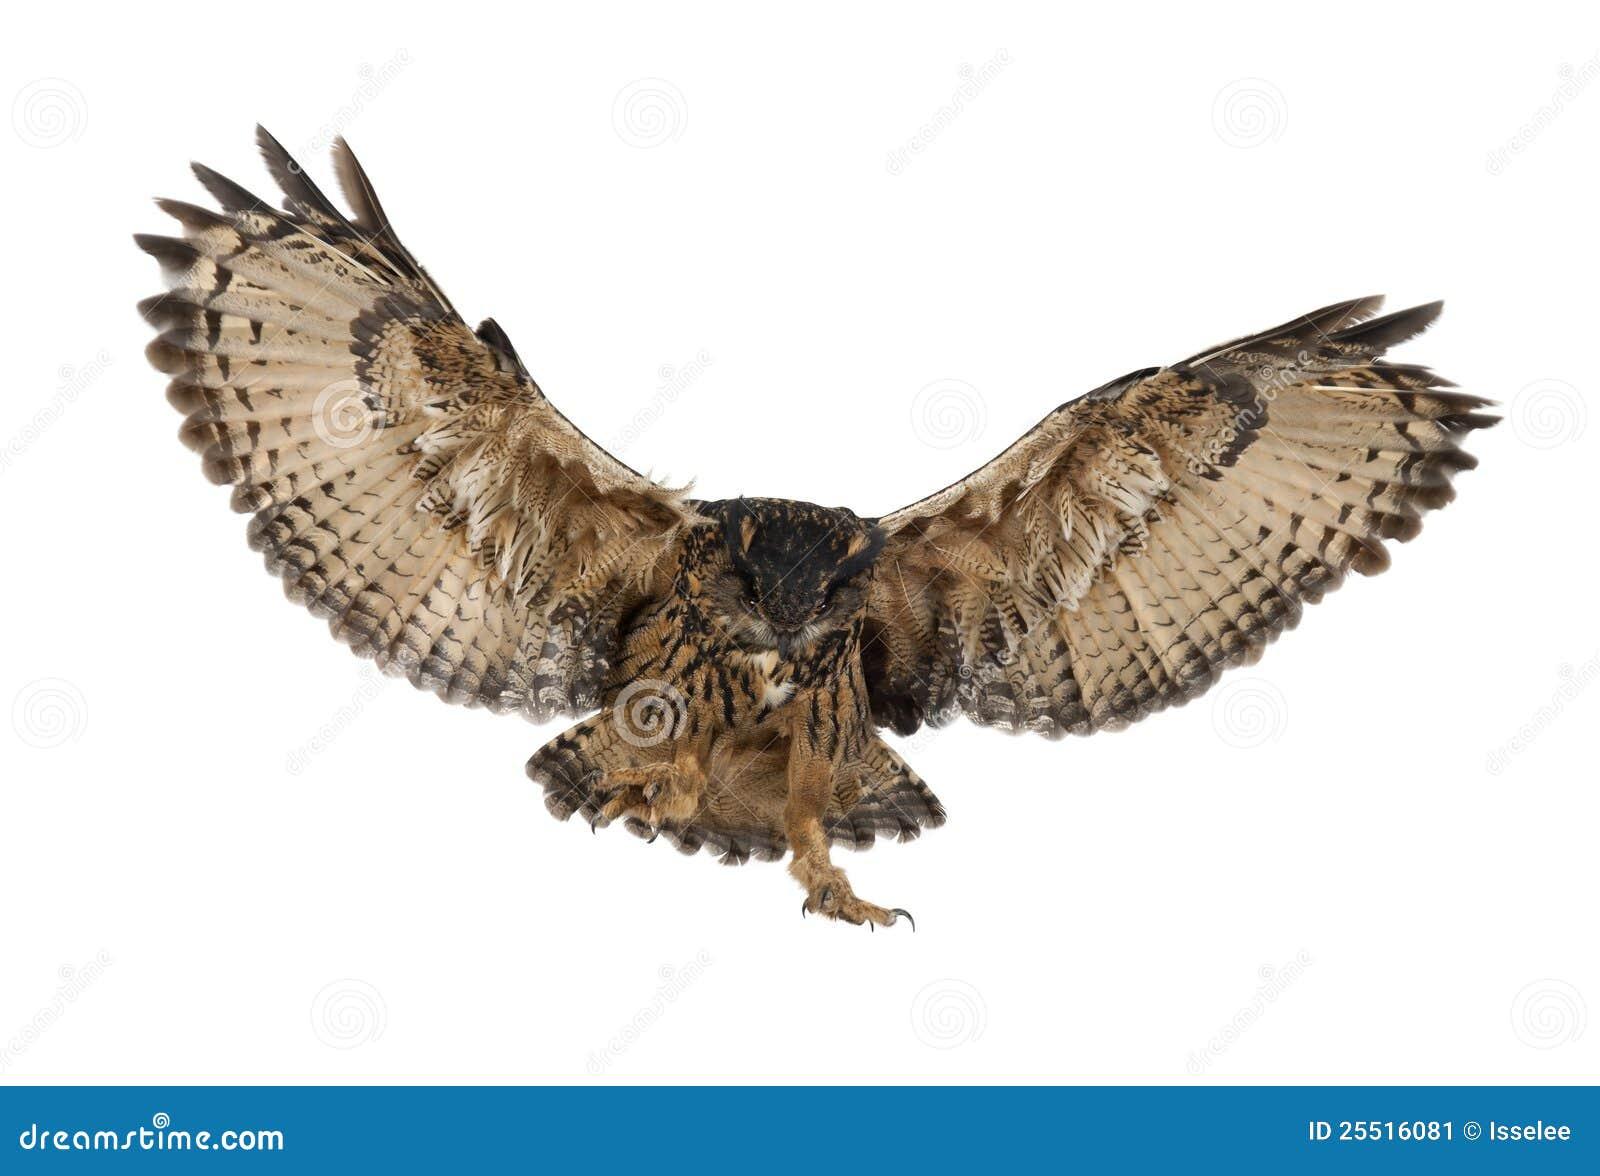 Δωρεάν. Μεγάλο πουλί γκόμενα n μικροσκοπικά, Γρήγορη σέξι.